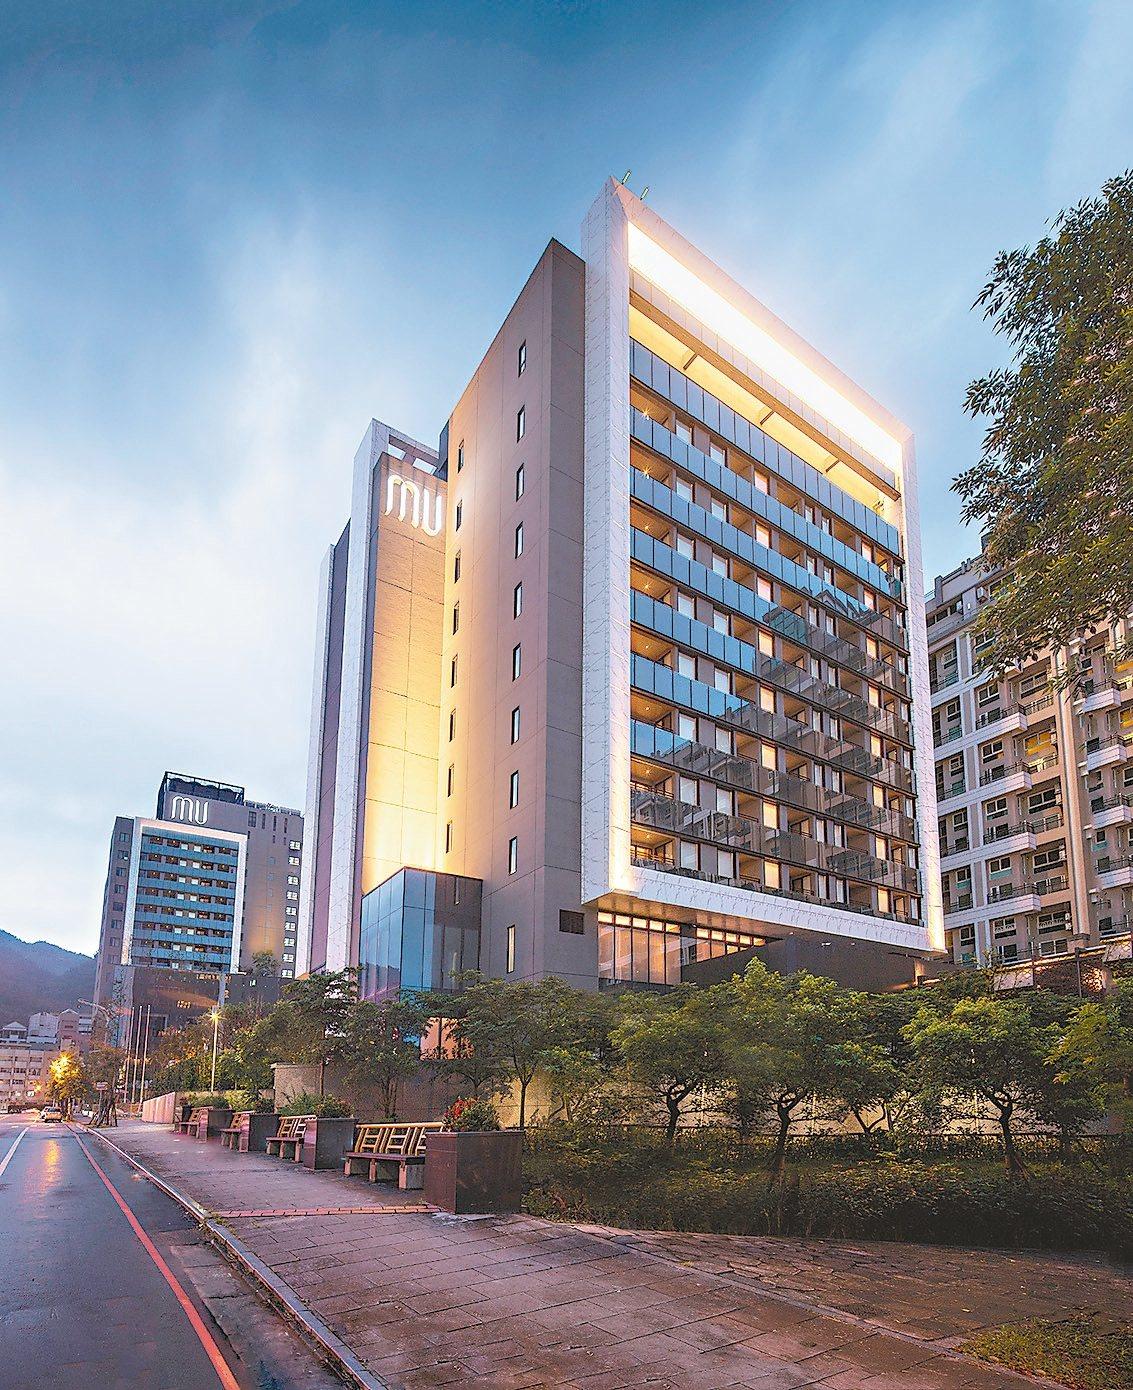 礁溪寒沐酒店是寒舍餐旅首次打造的休閒度假型酒店。 本報系資料庫